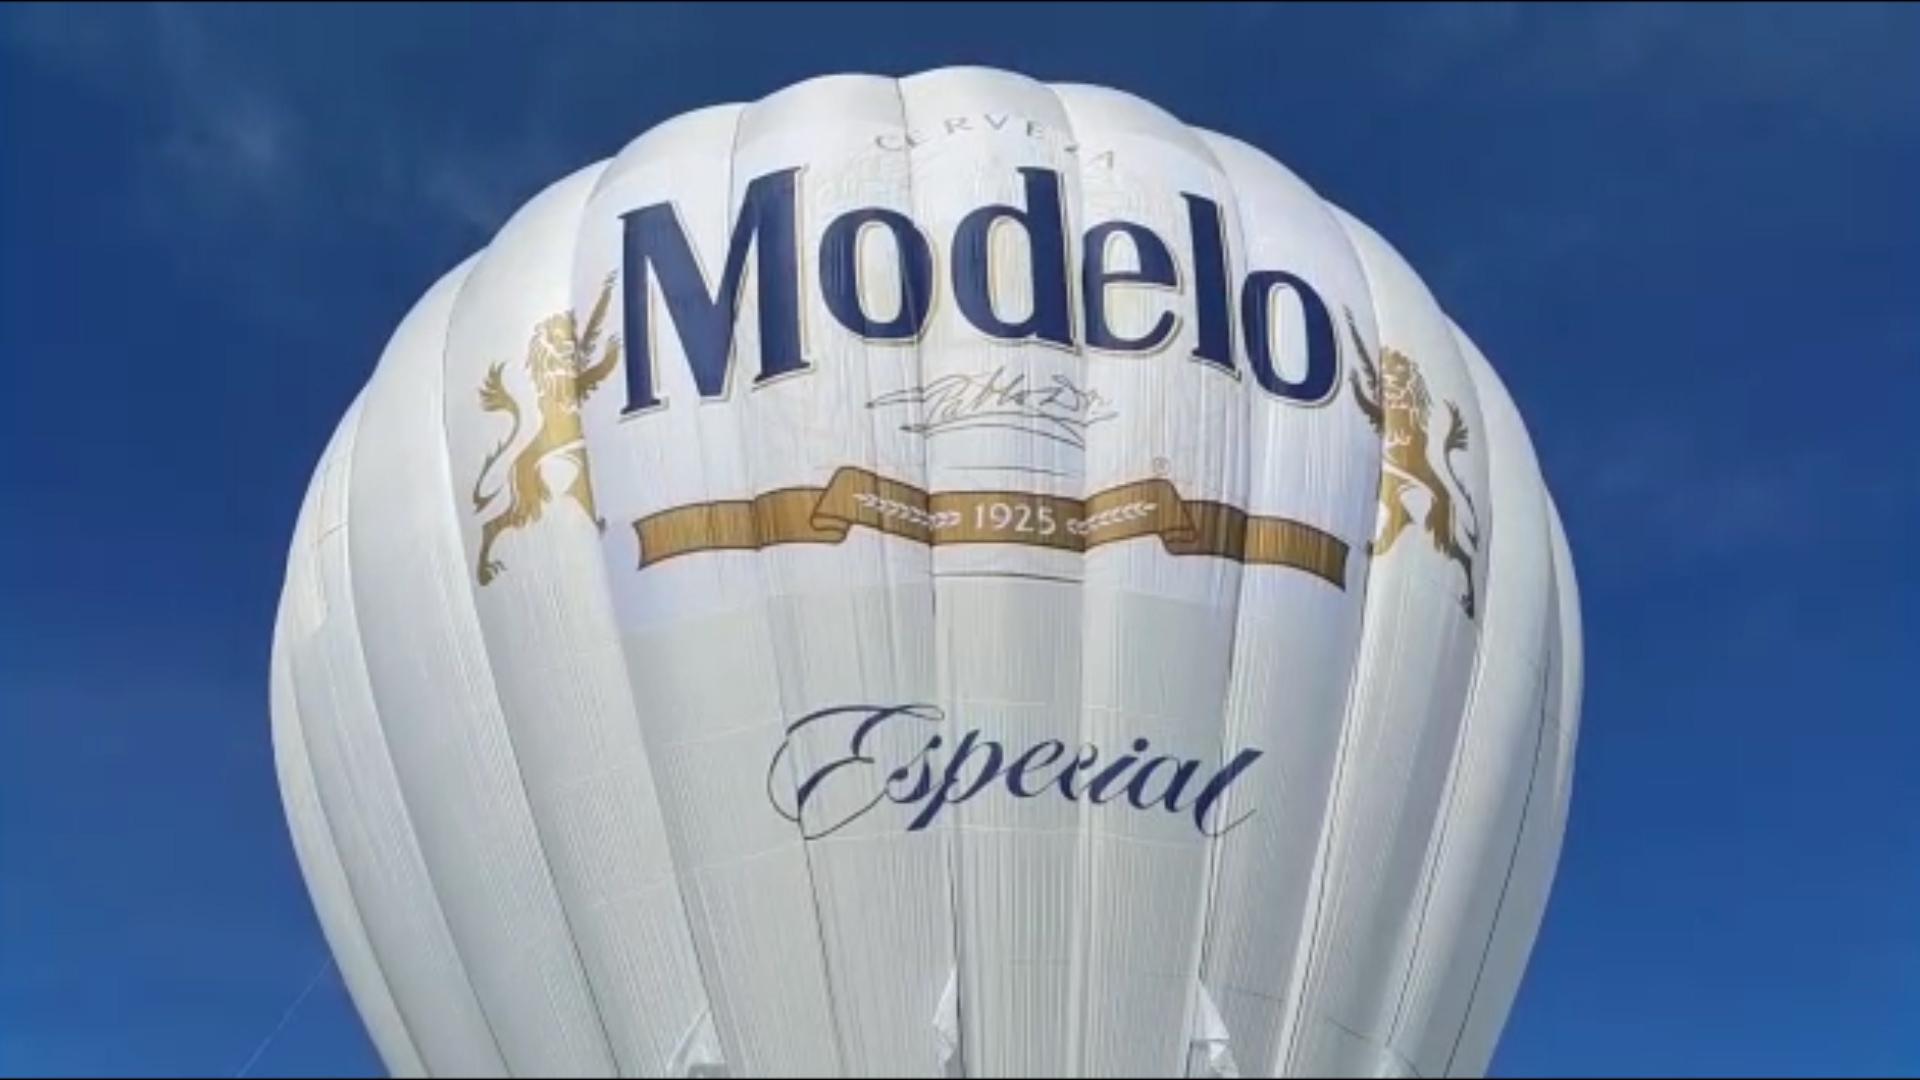 Cerveza Modelo te invita a disfrutar de un ascenso en globo aerostático